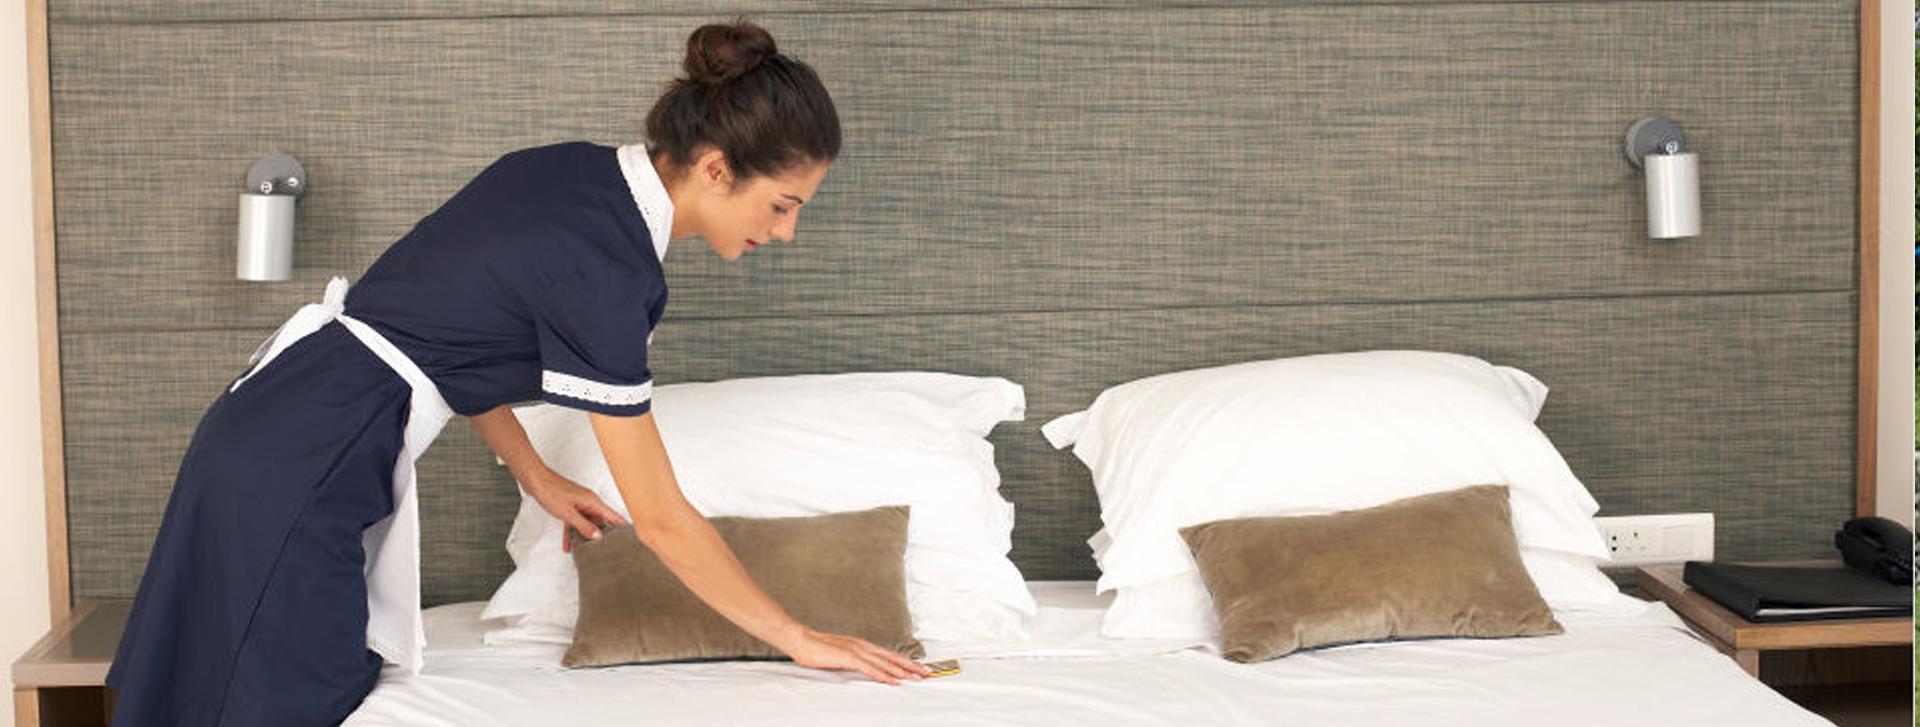 cómo limpiar la habitación de un hotel